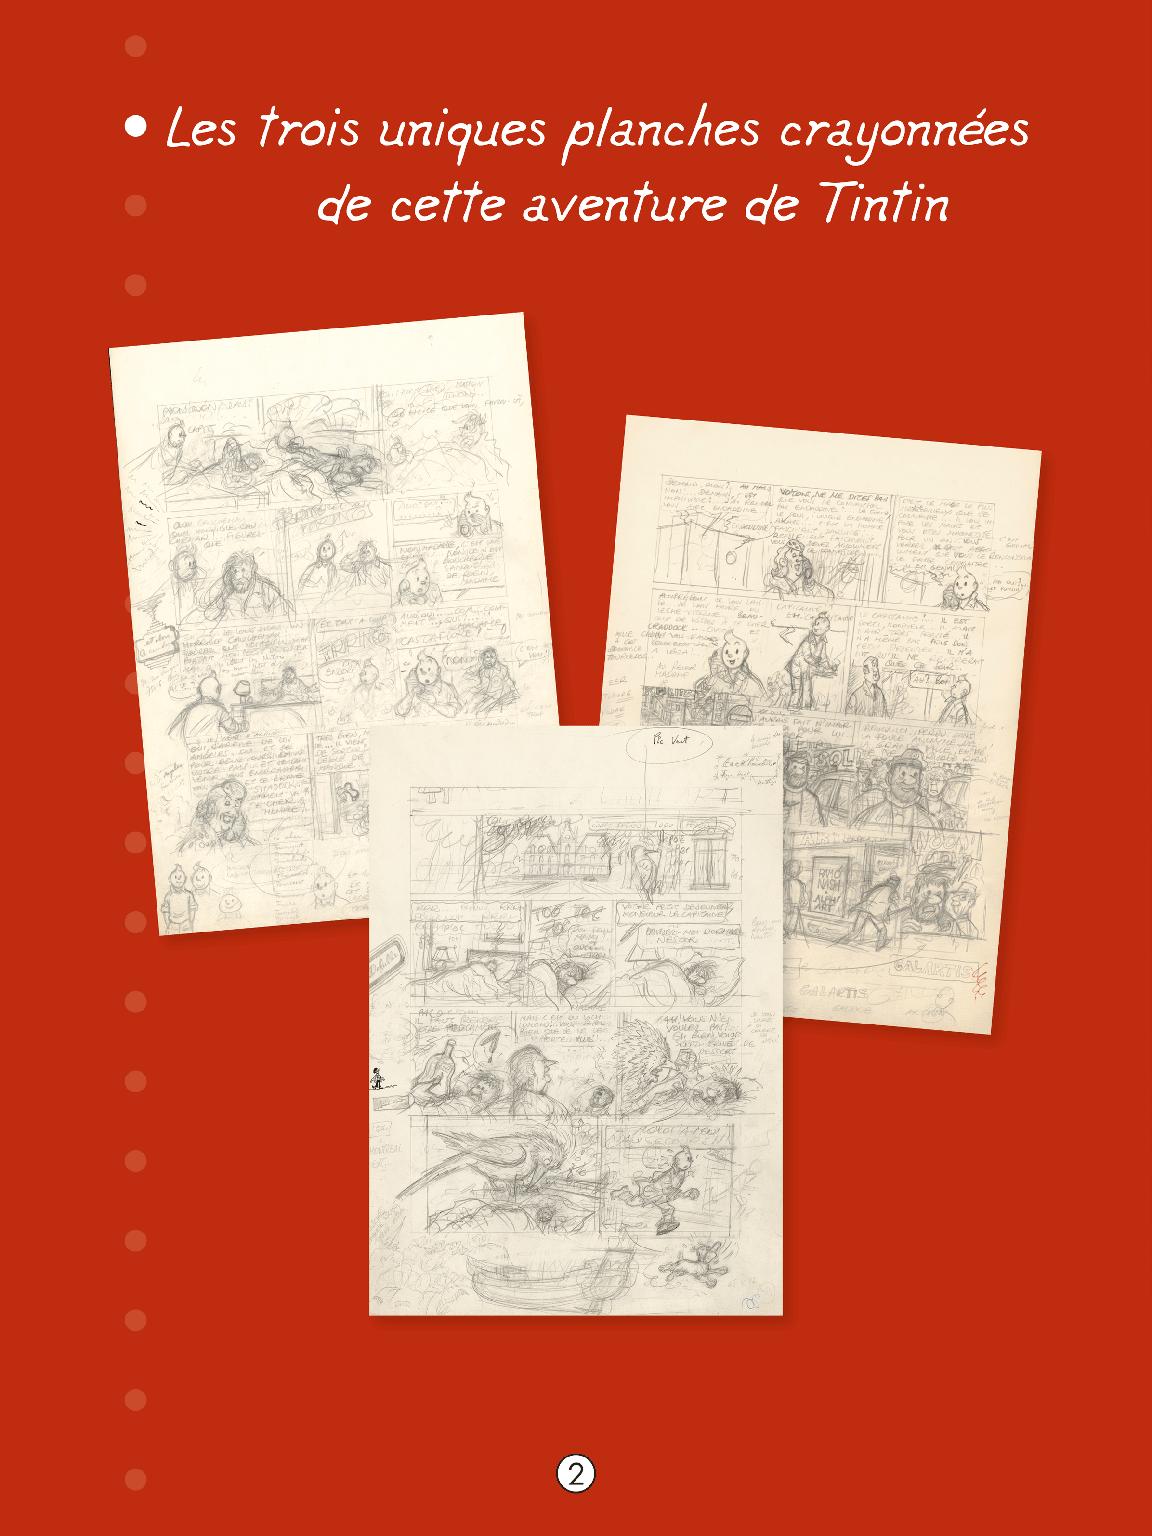 Tintin et l'Alph-Art - page 3